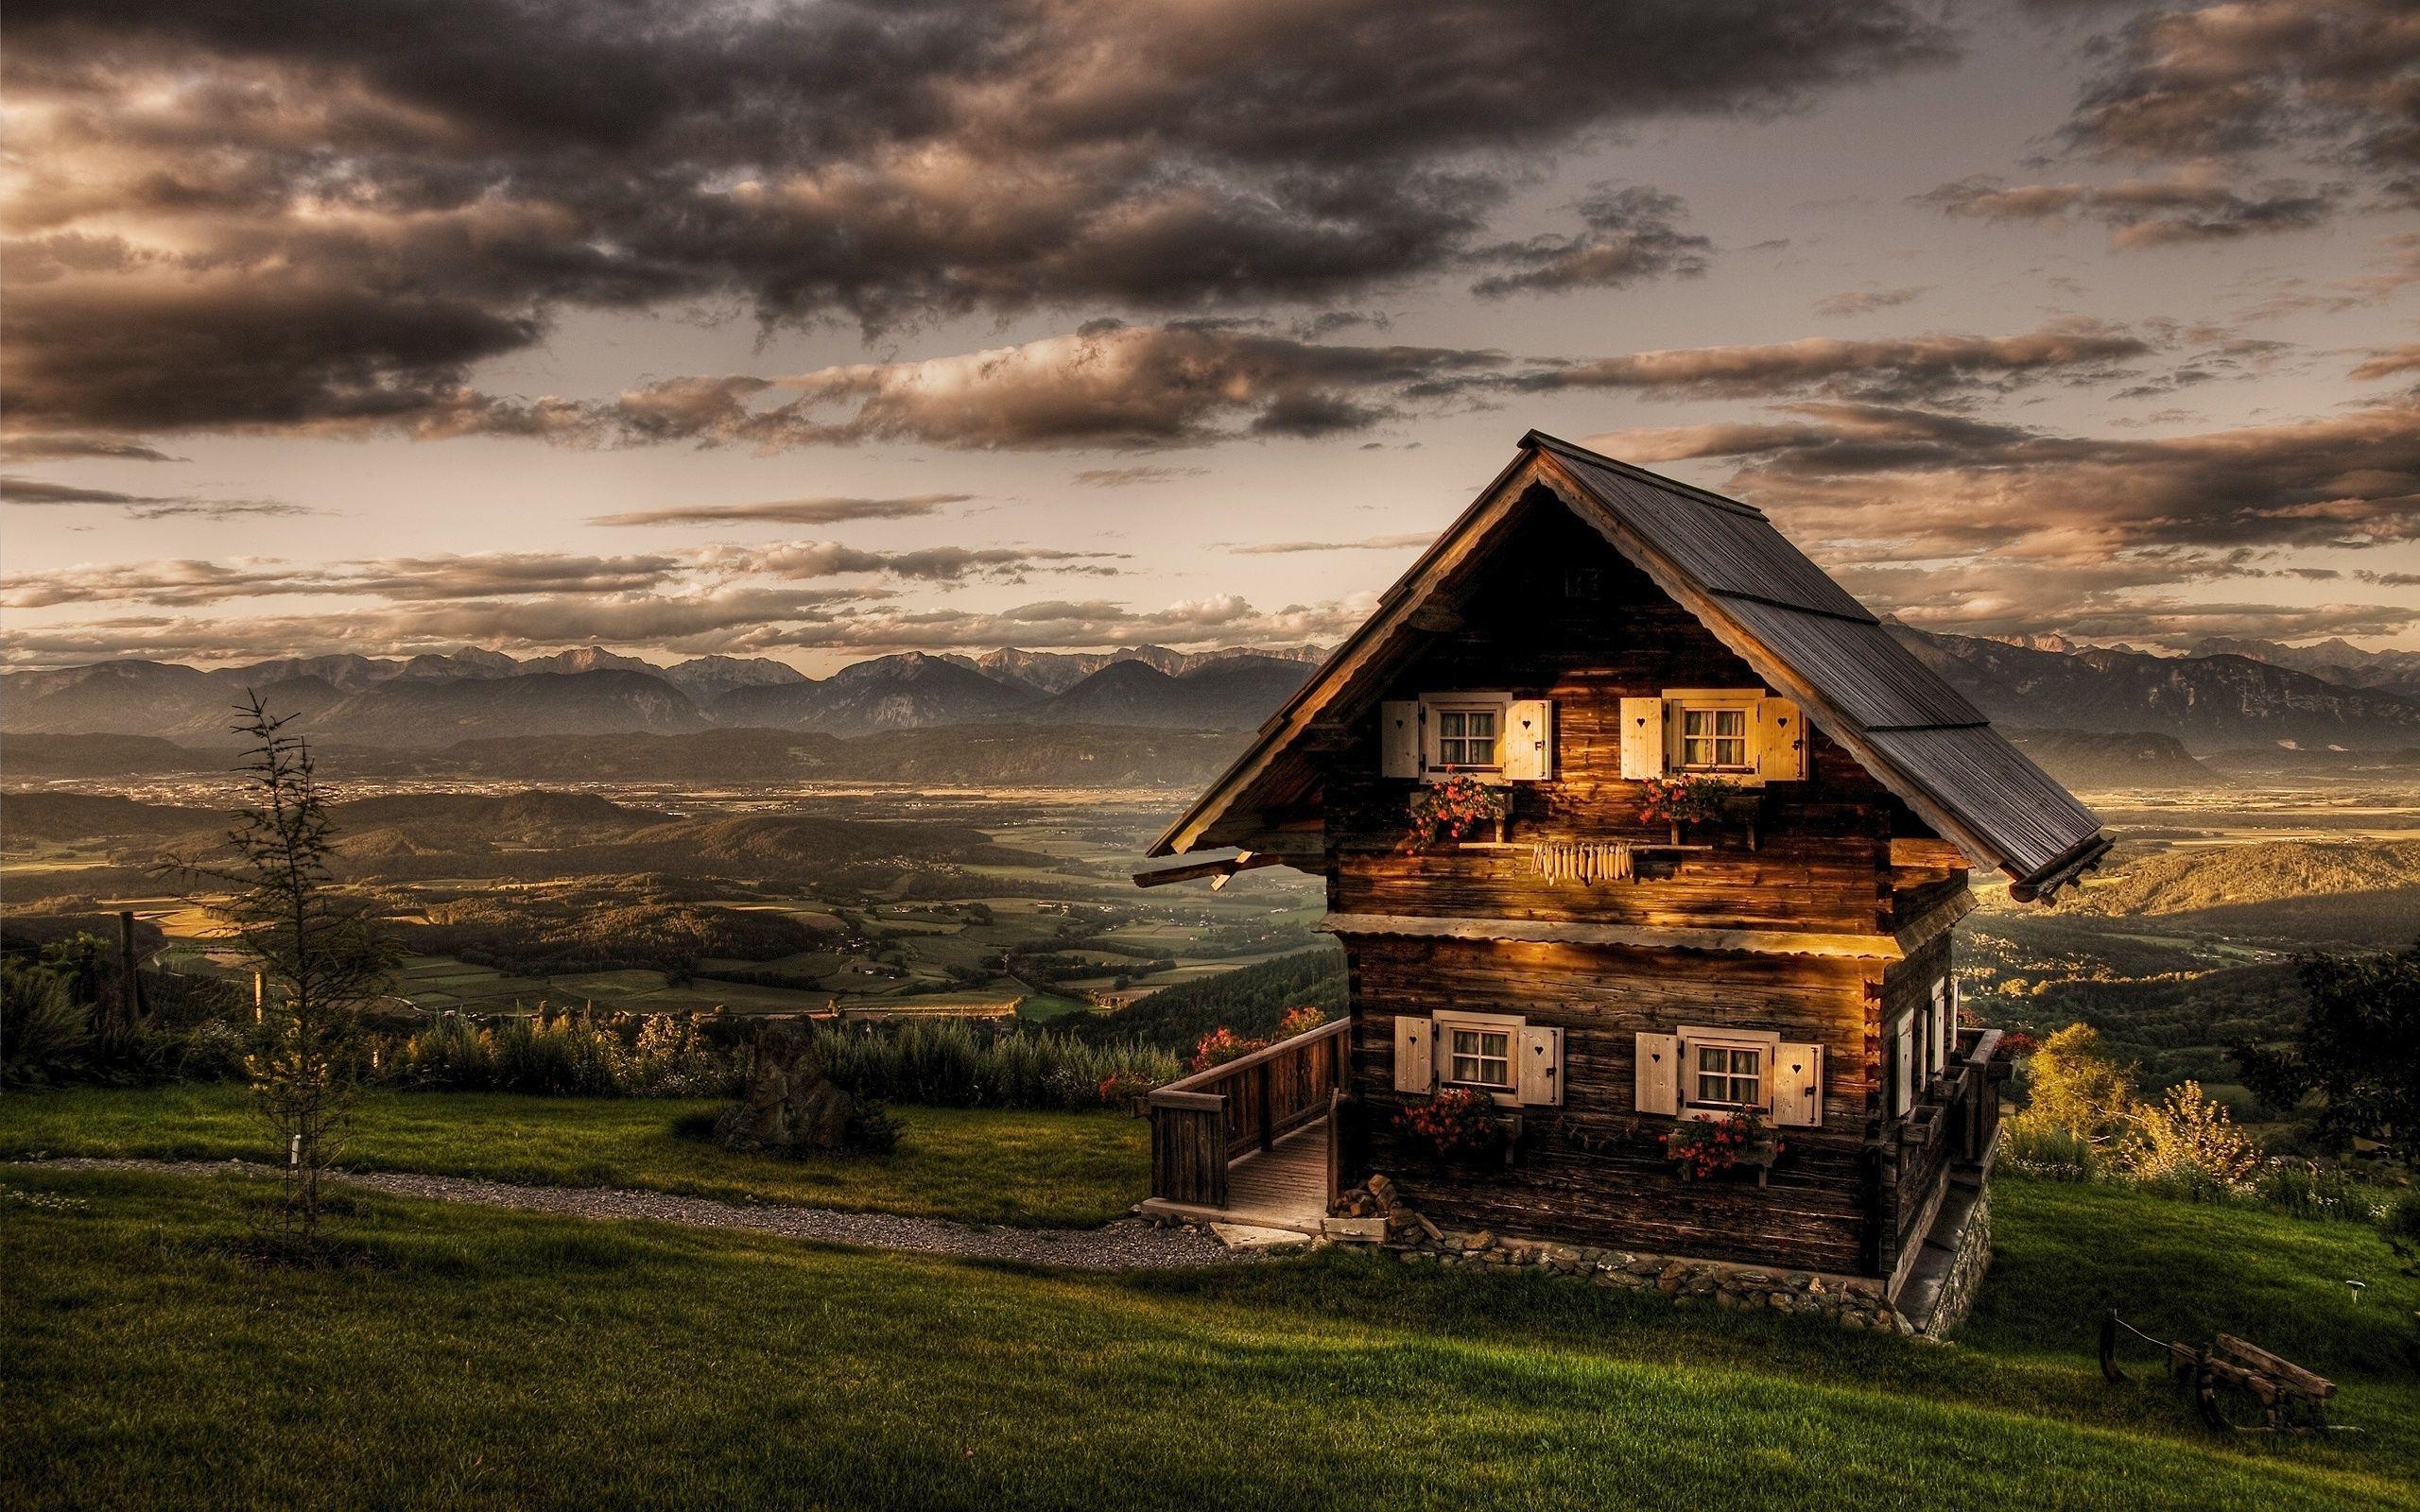 Log Cabin Landscape Wallpapers - Top Free Log Cabin ...